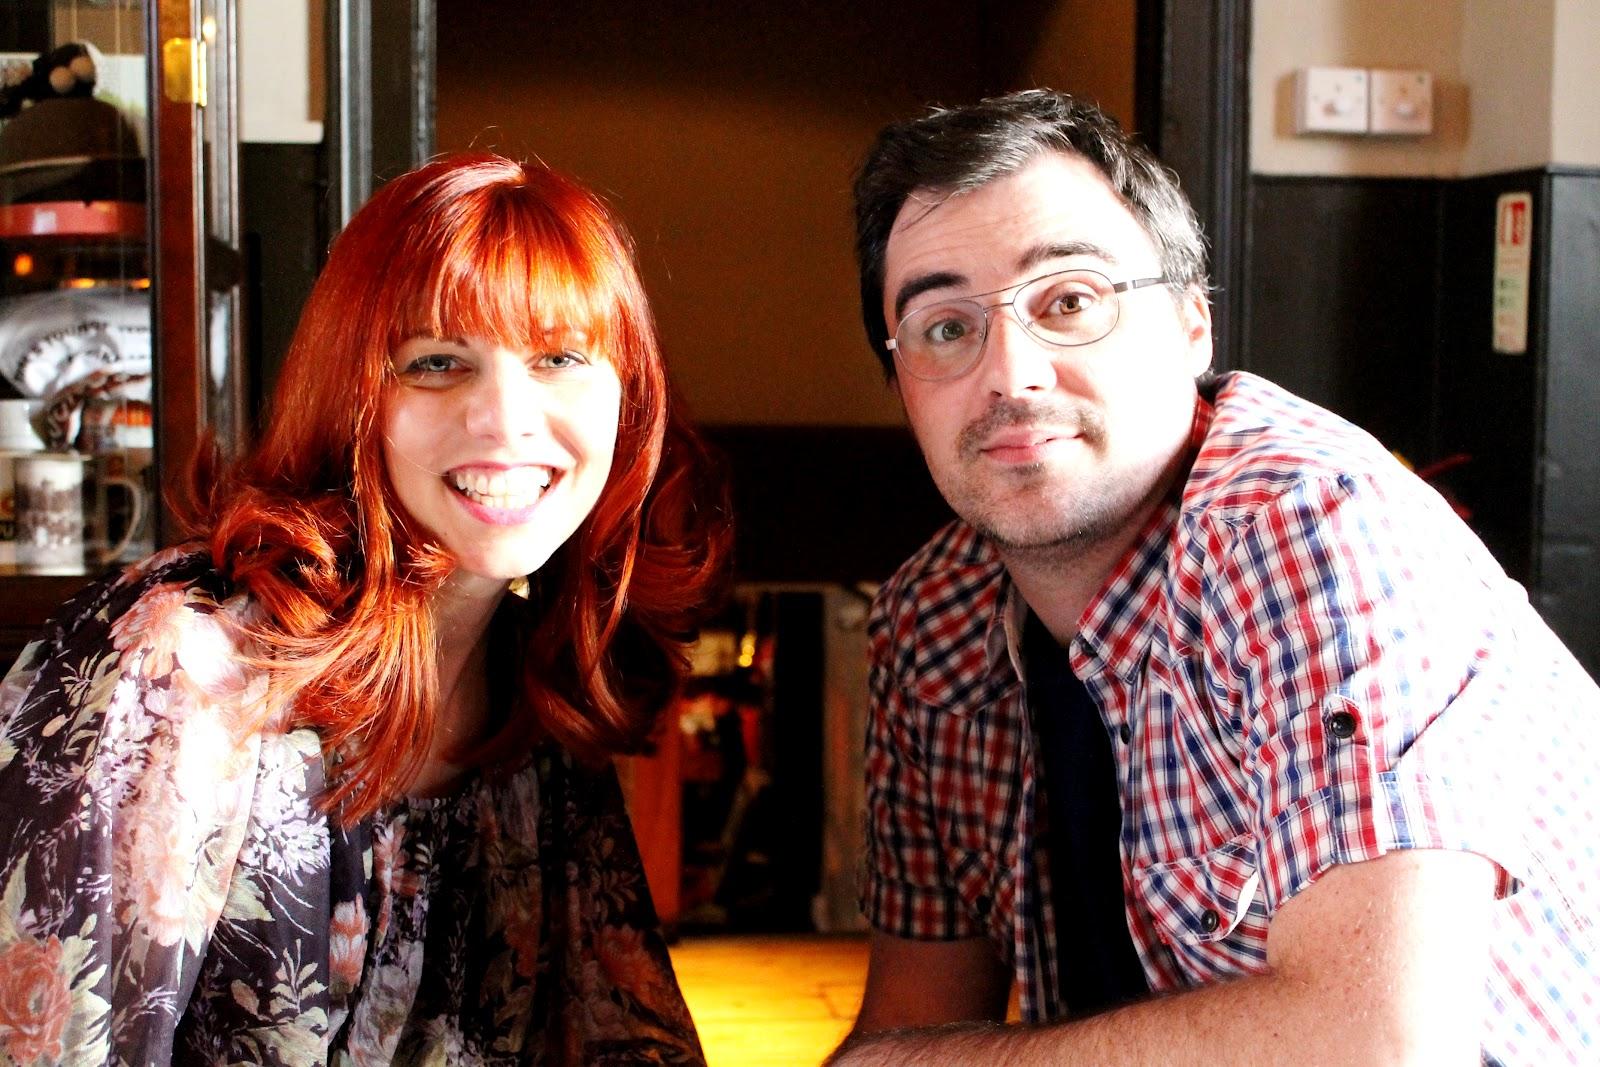 http://3.bp.blogspot.com/-5MtYEEQ_QJ4/T0qIlgcRYAI/AAAAAAAAFNc/jHGxuRGK51s/s1600/Johanna+Payton+and+Matt+Feb+2012.jpg